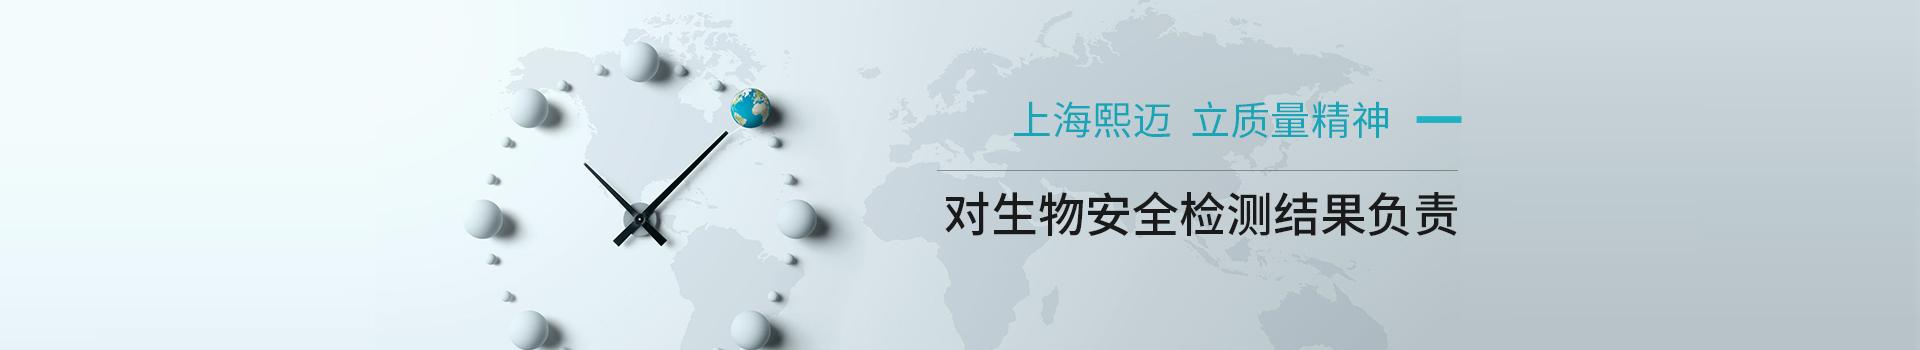 上海熙迈对生物安全检测结果负责